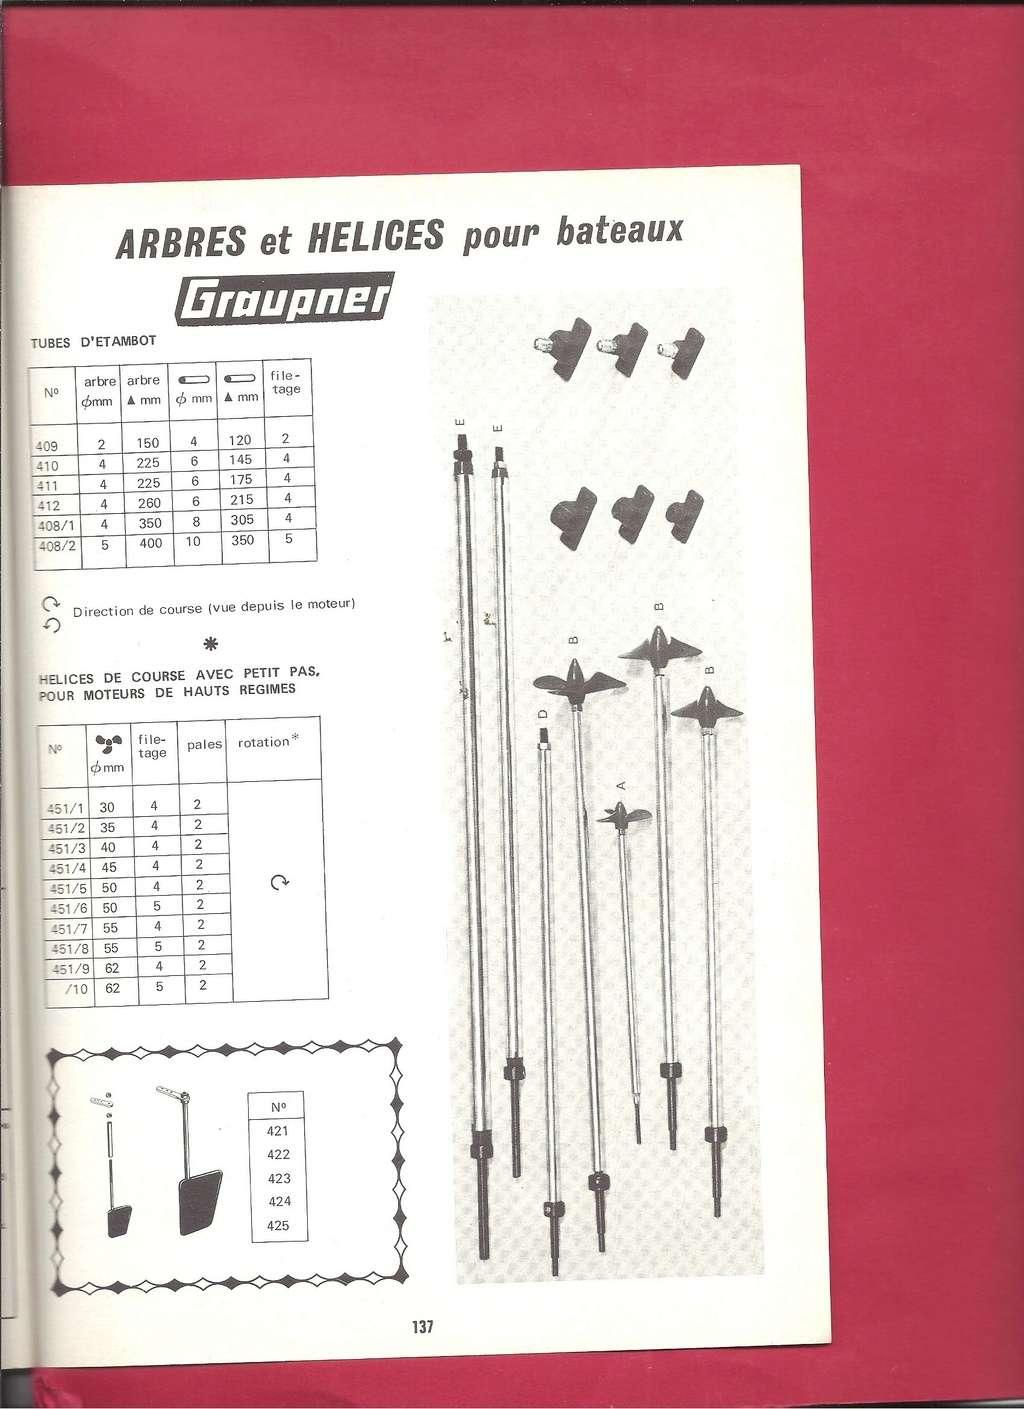 [BABY TRAIN 1979] Catalogue 27ème année 1979 Baby_291